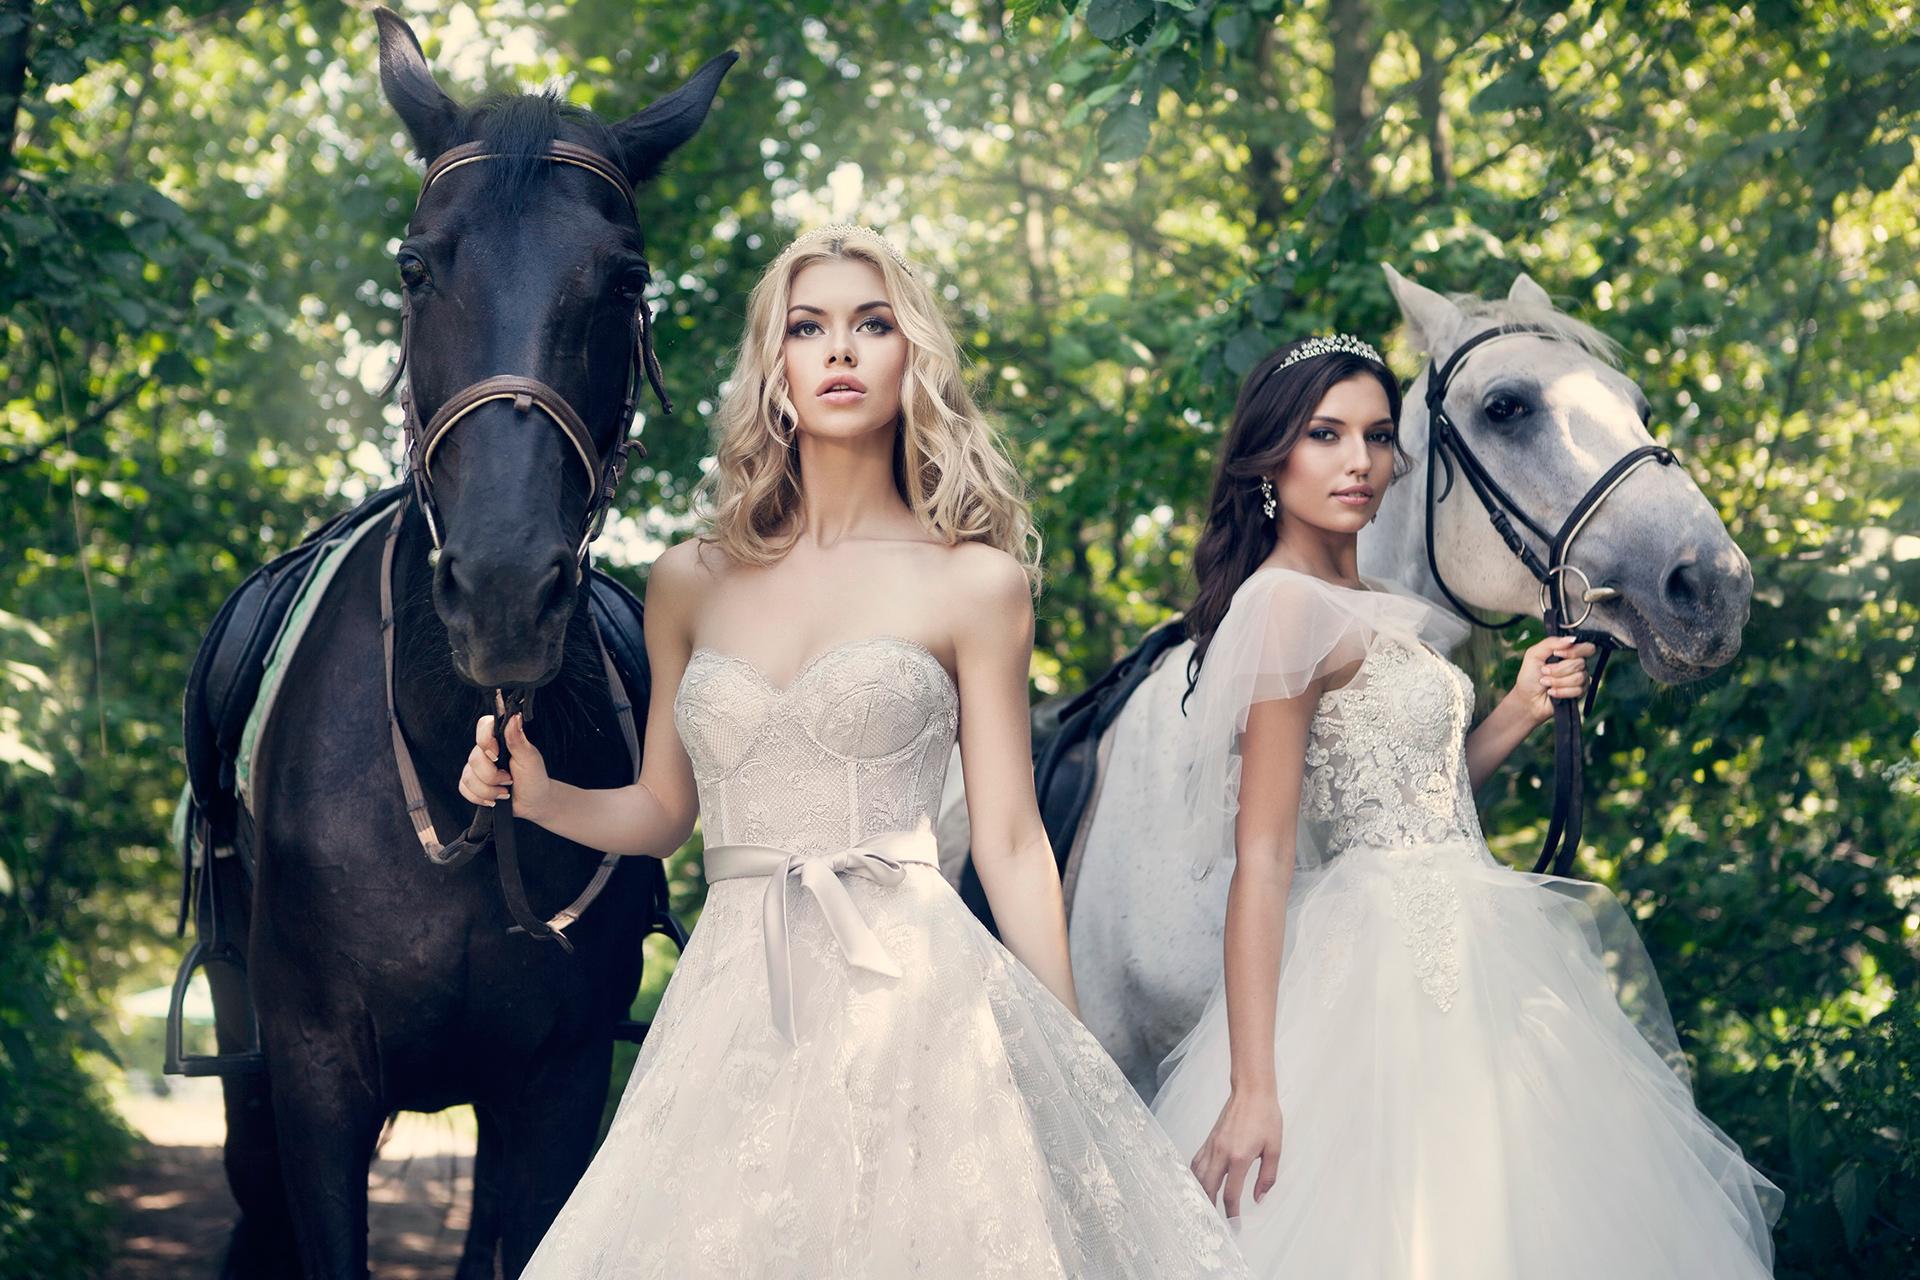 Salon wedding dresses - riccasposausa.com